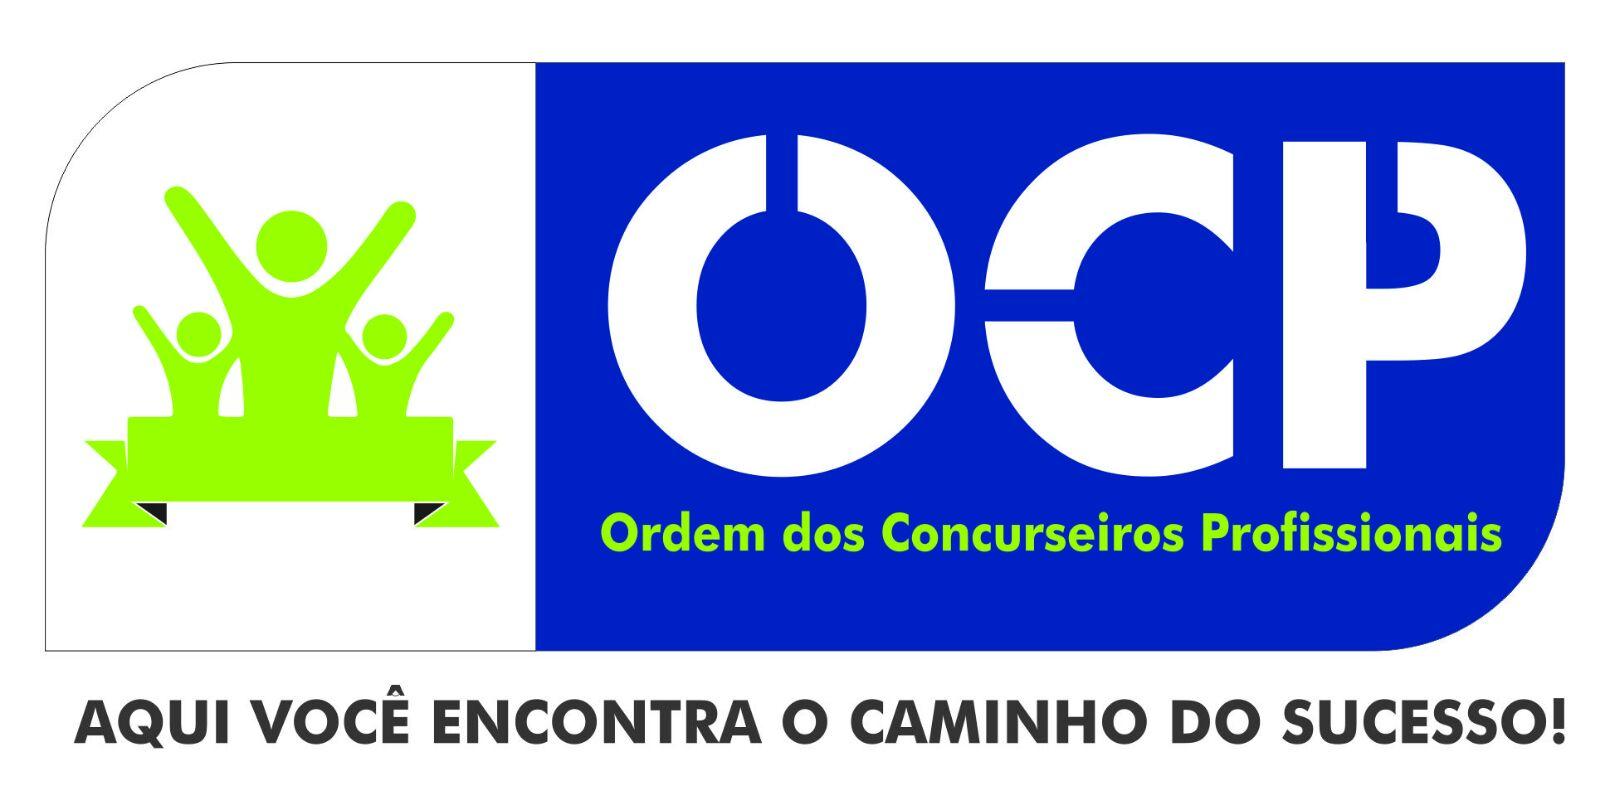 ORDEM DOS CONCURSEIROS PROFISSIONAIS